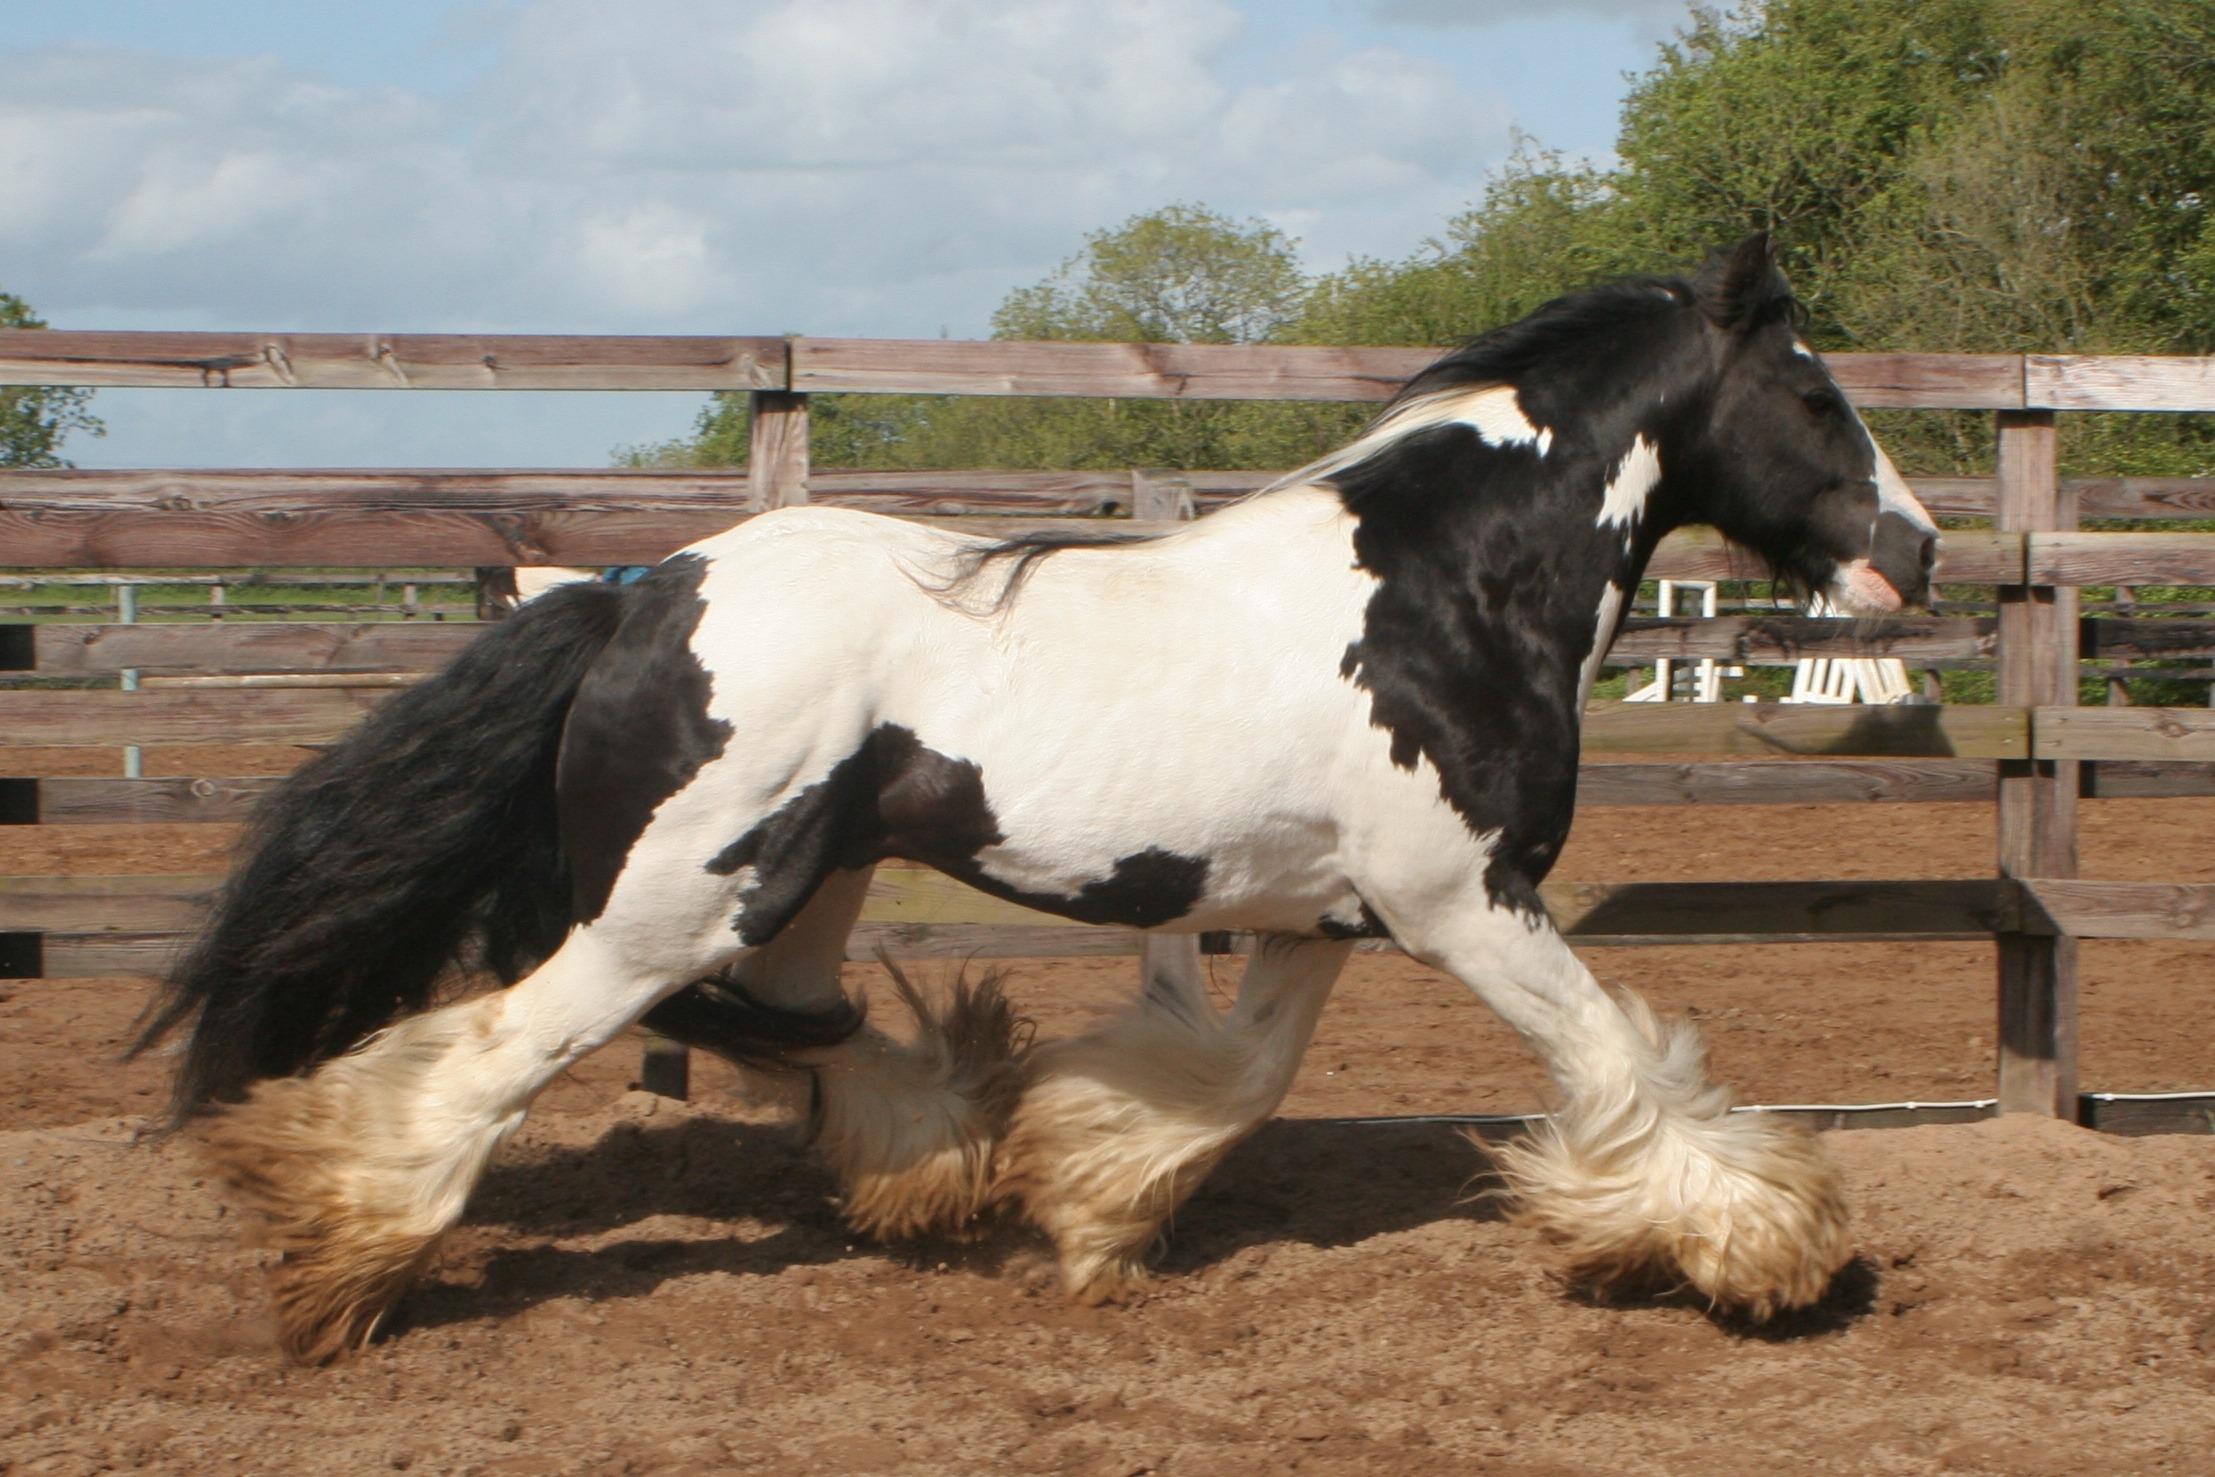 Llewelyn Irish cob stallion